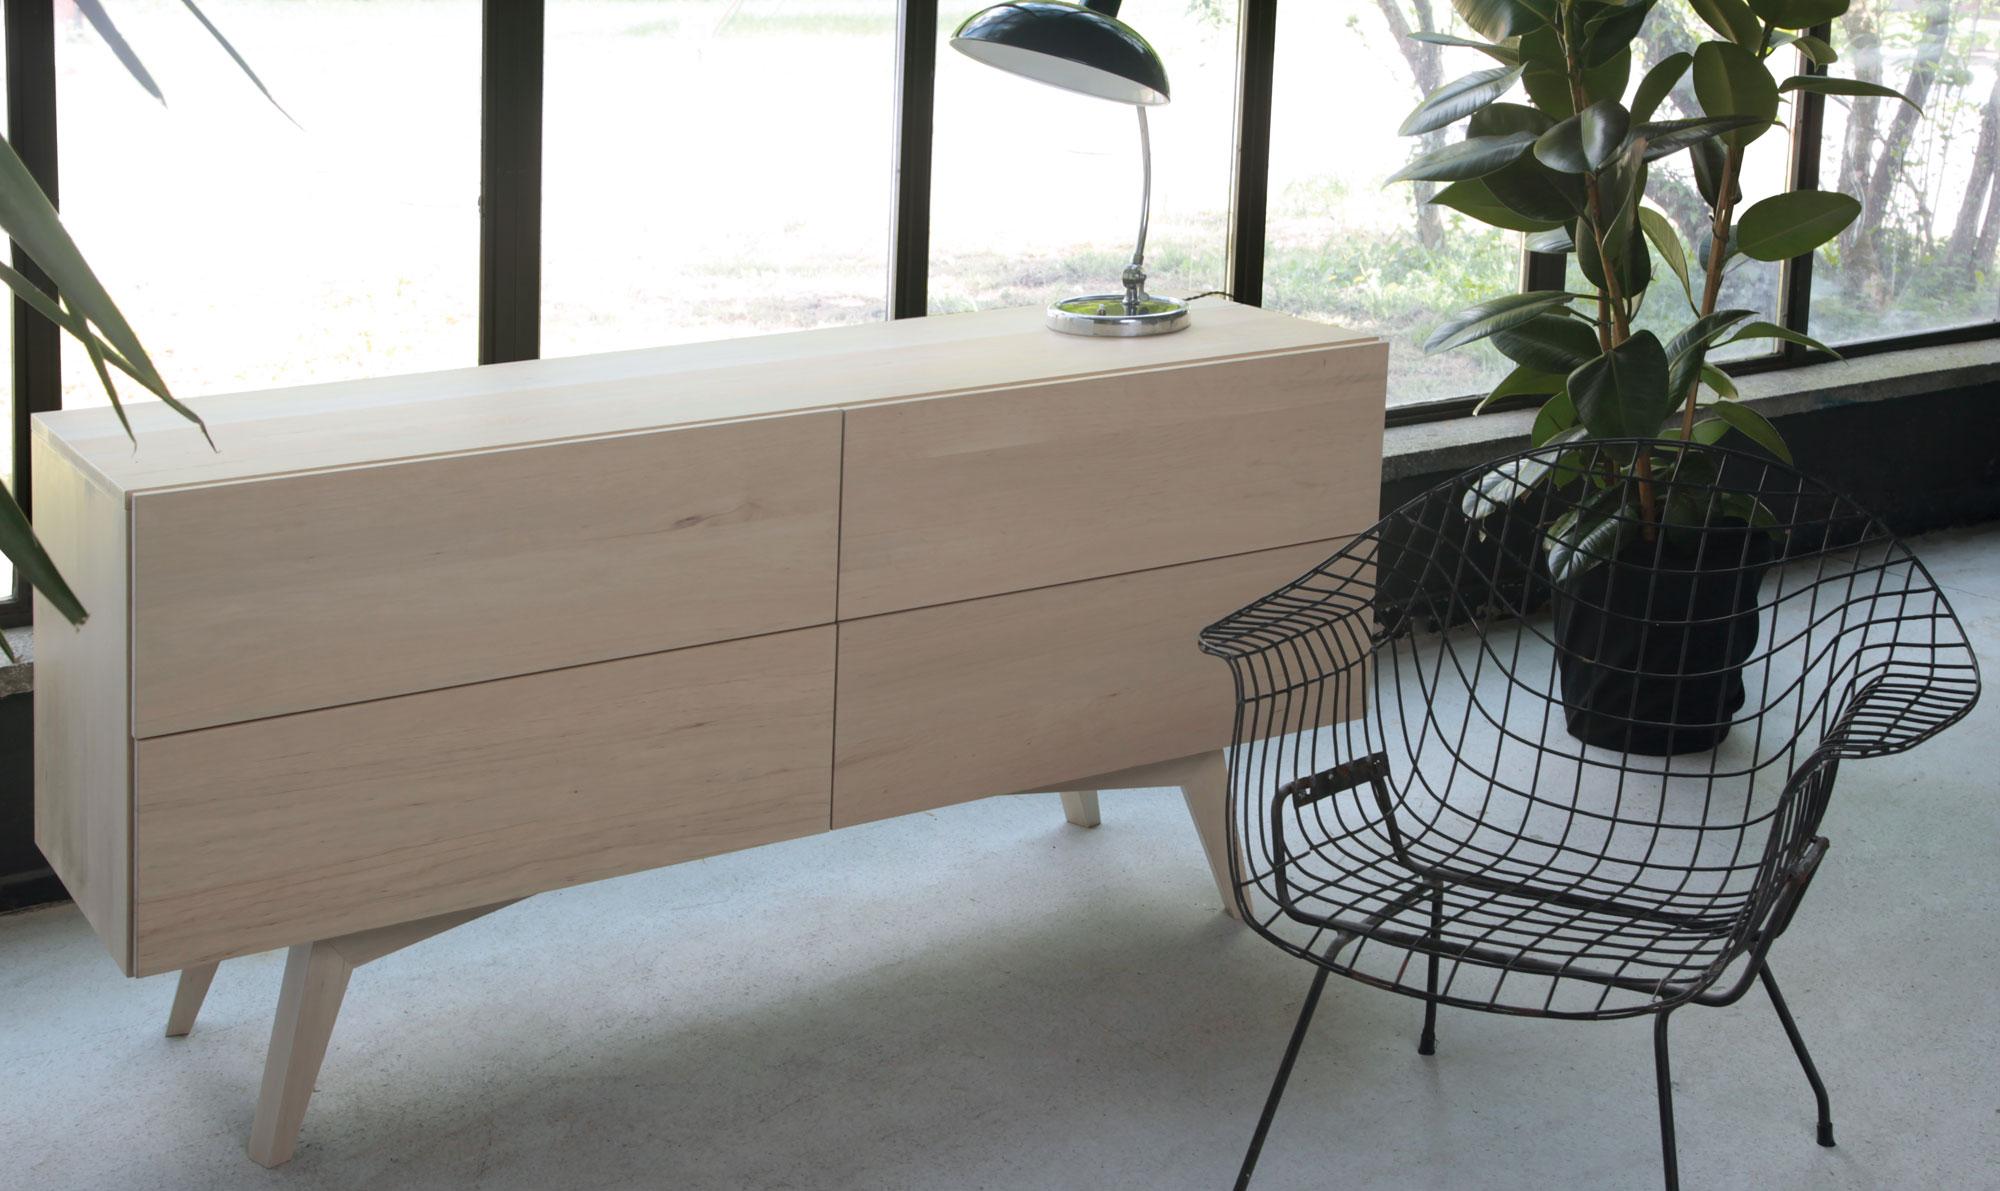 x  maša vukmanović creative studio -  masavukmanoviccom  x line of eco furniture